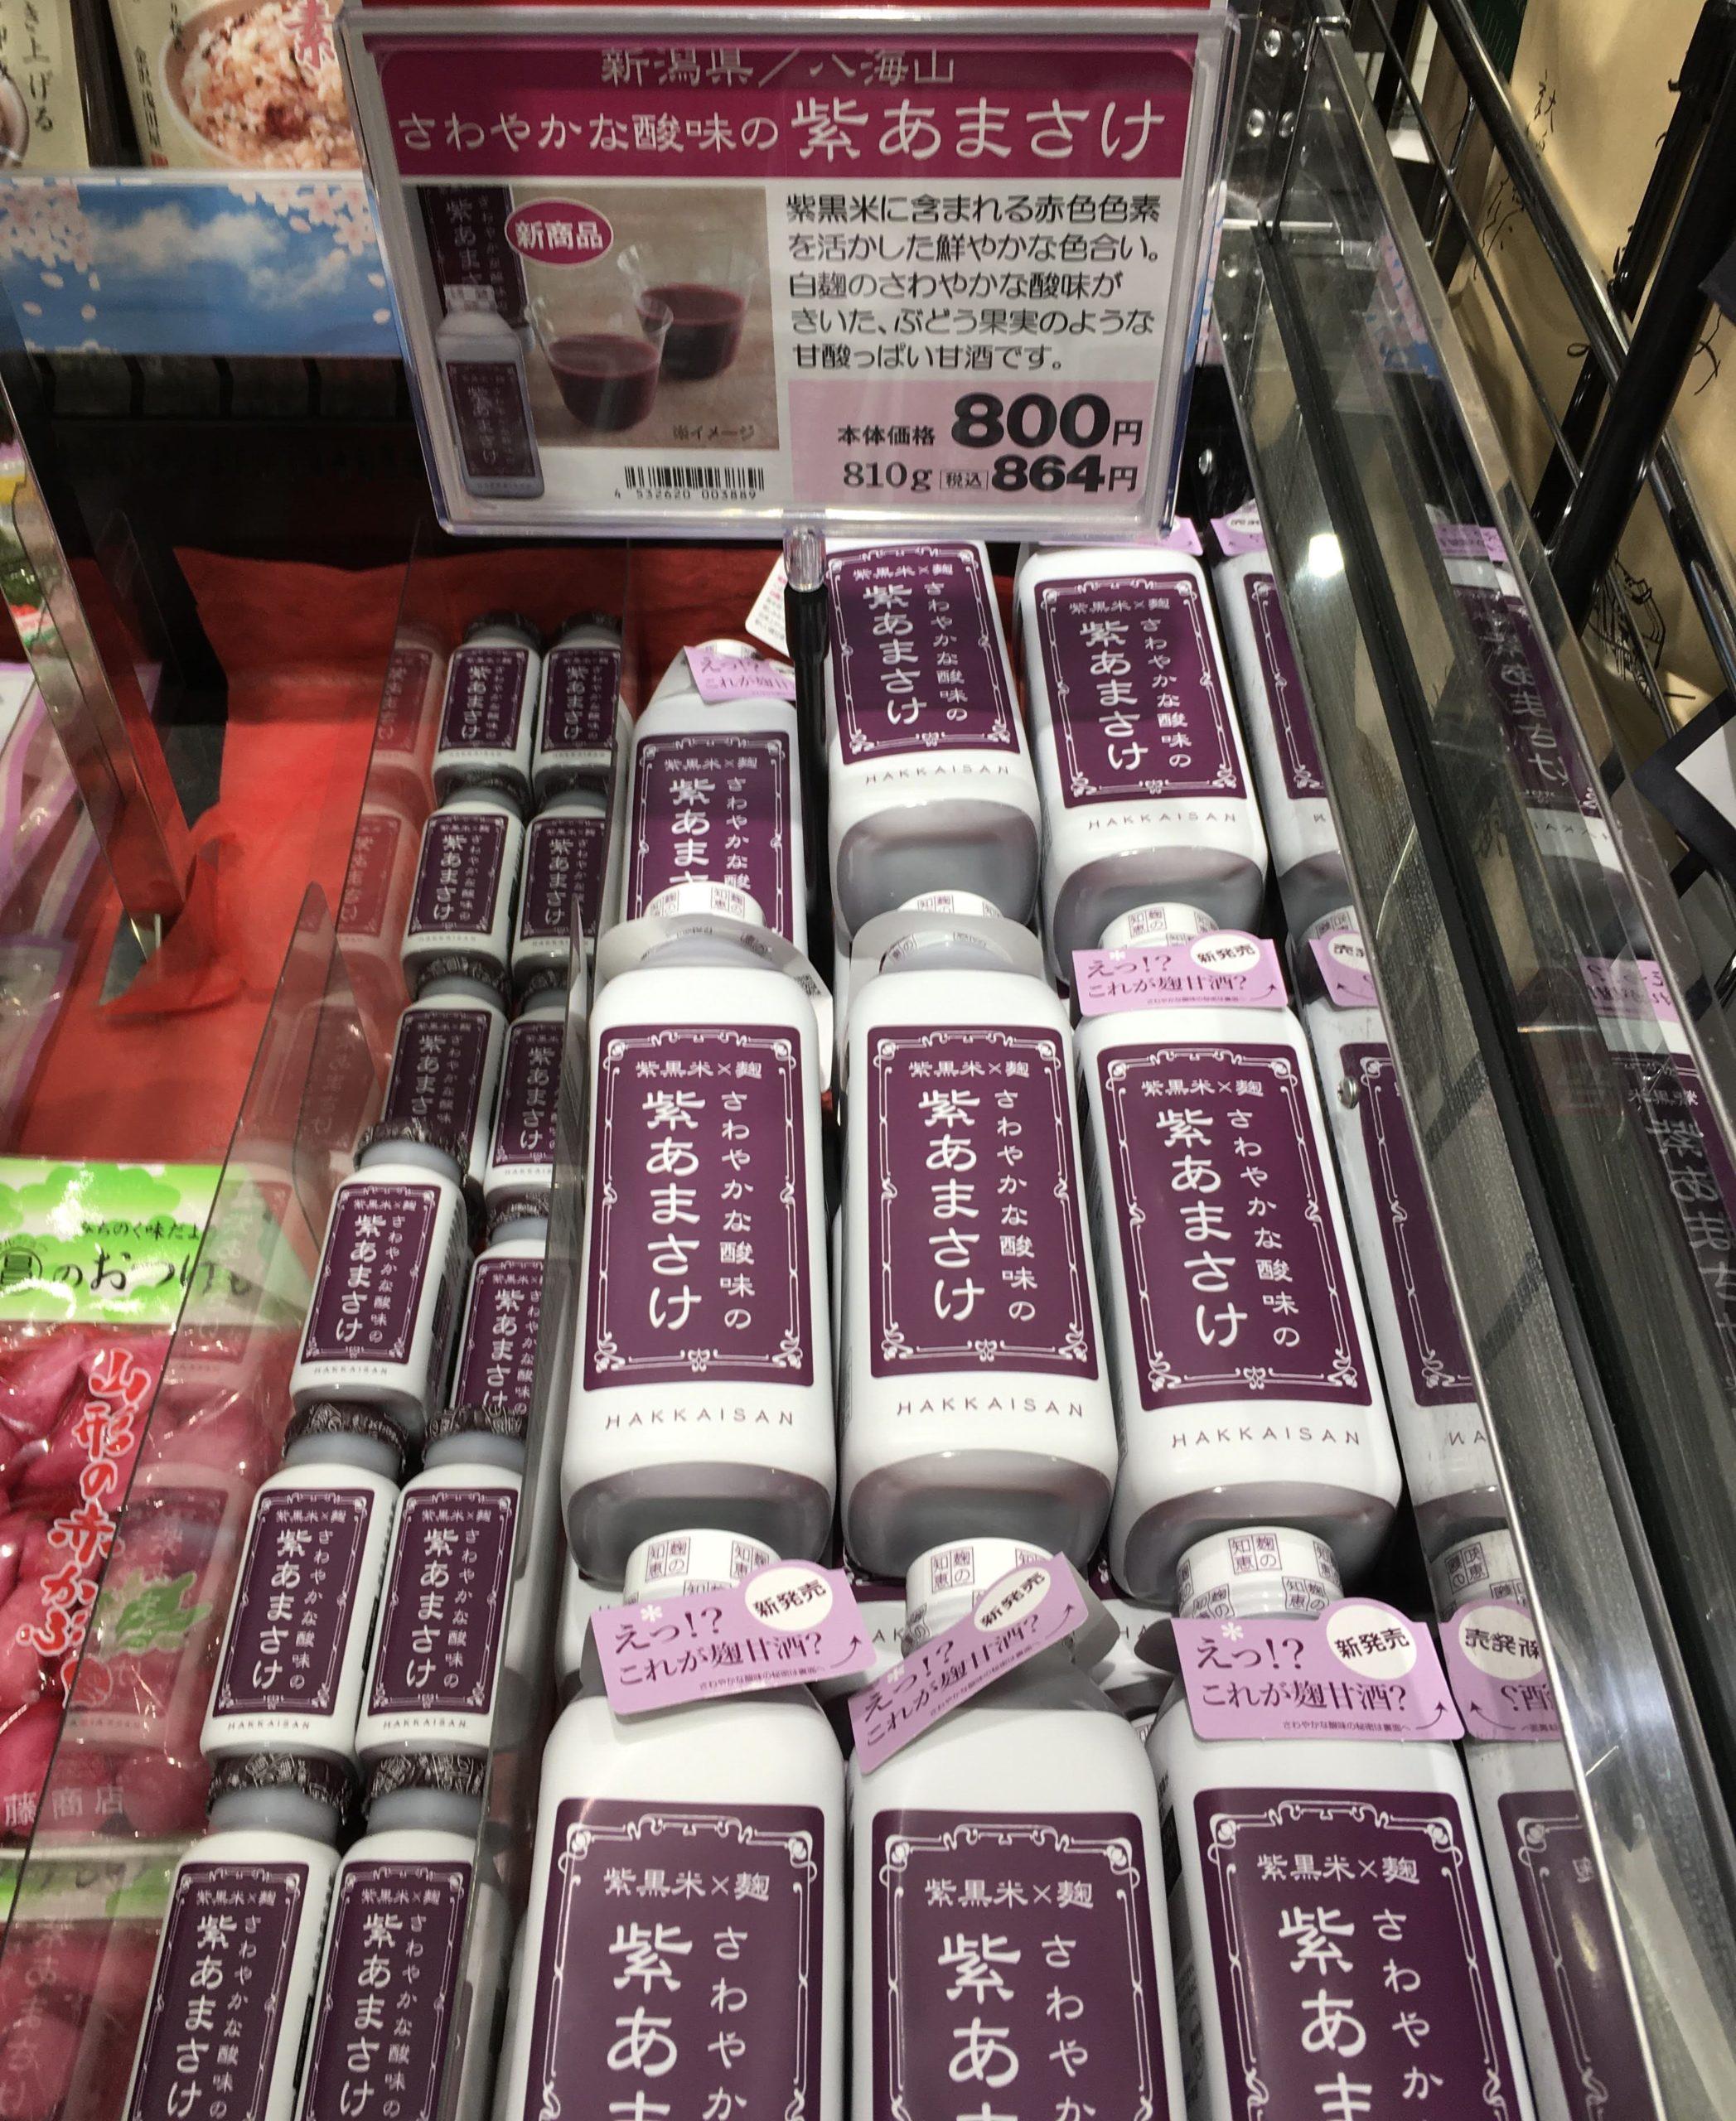 おこもり日記。スーパーでの素敵な出会い。八海山の紫あまさけとALETTAなる野菜。